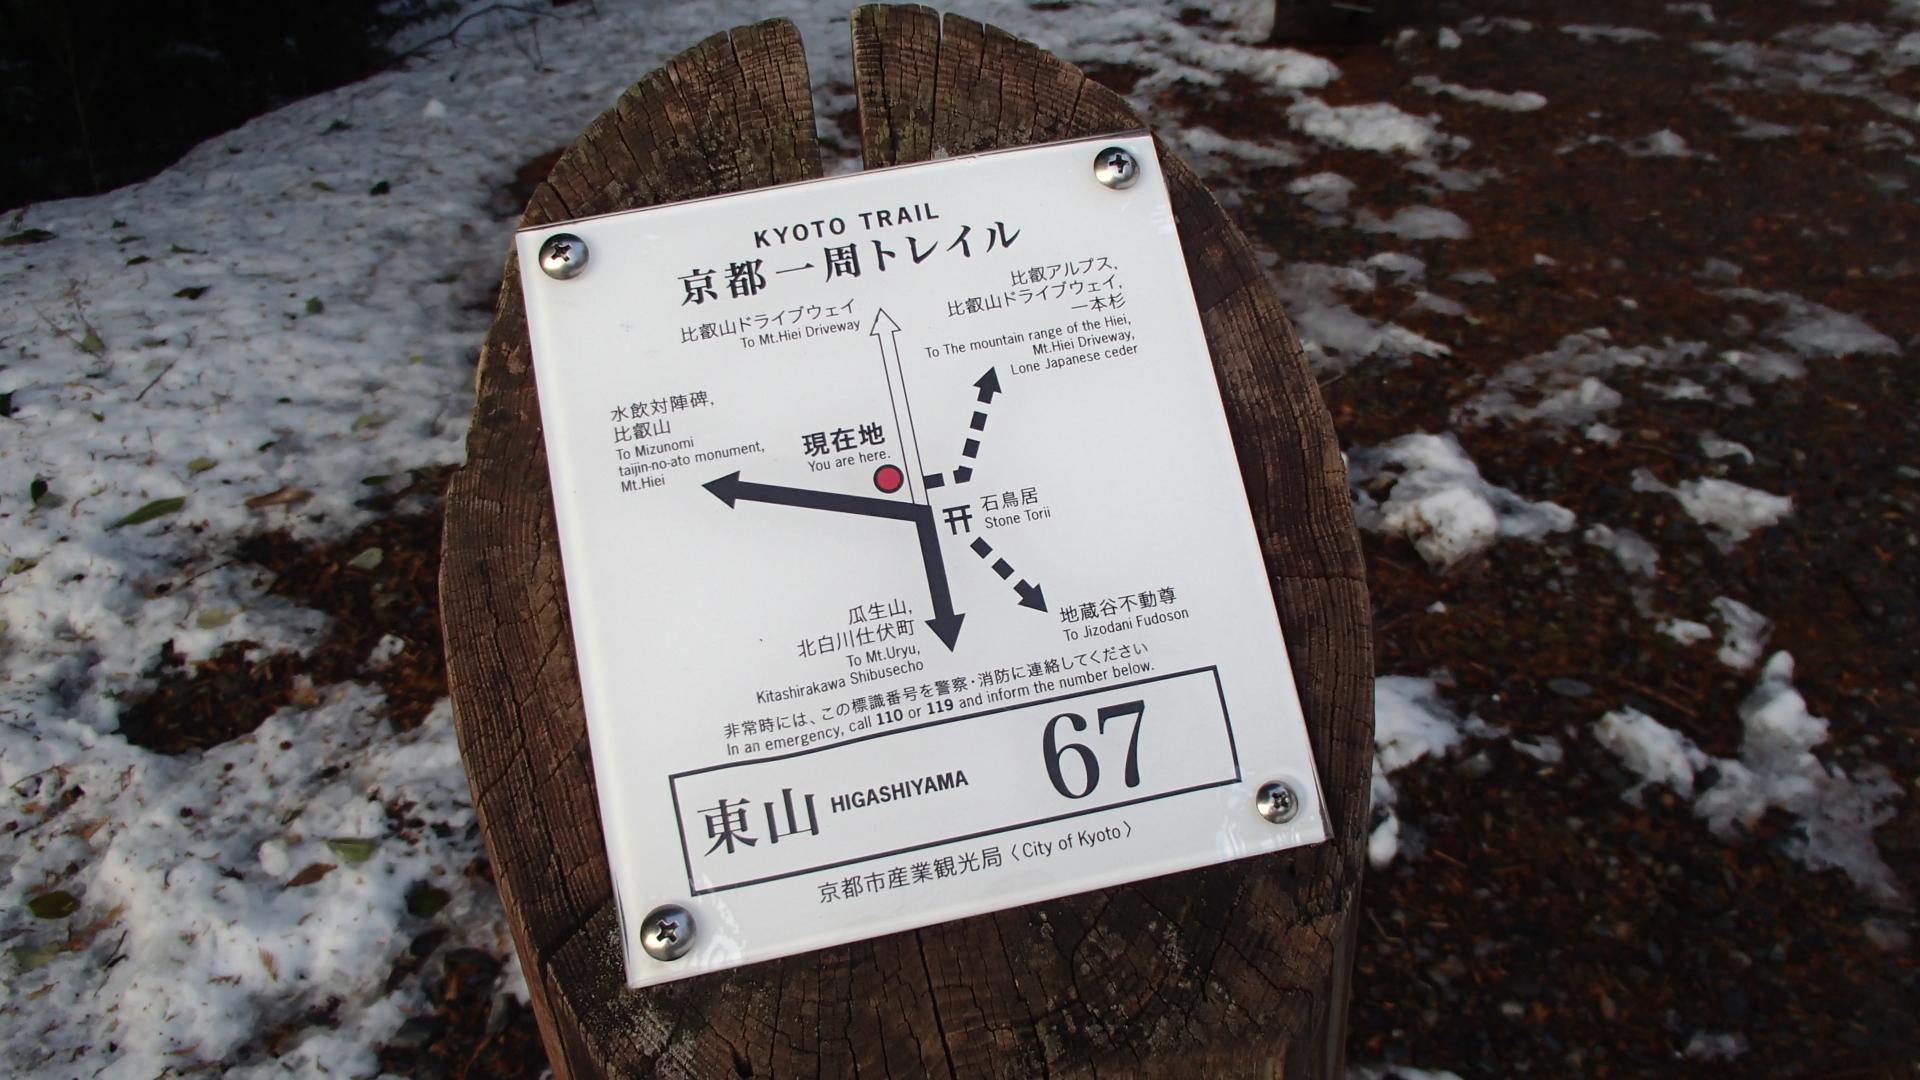 京都トレイル 東山67標識